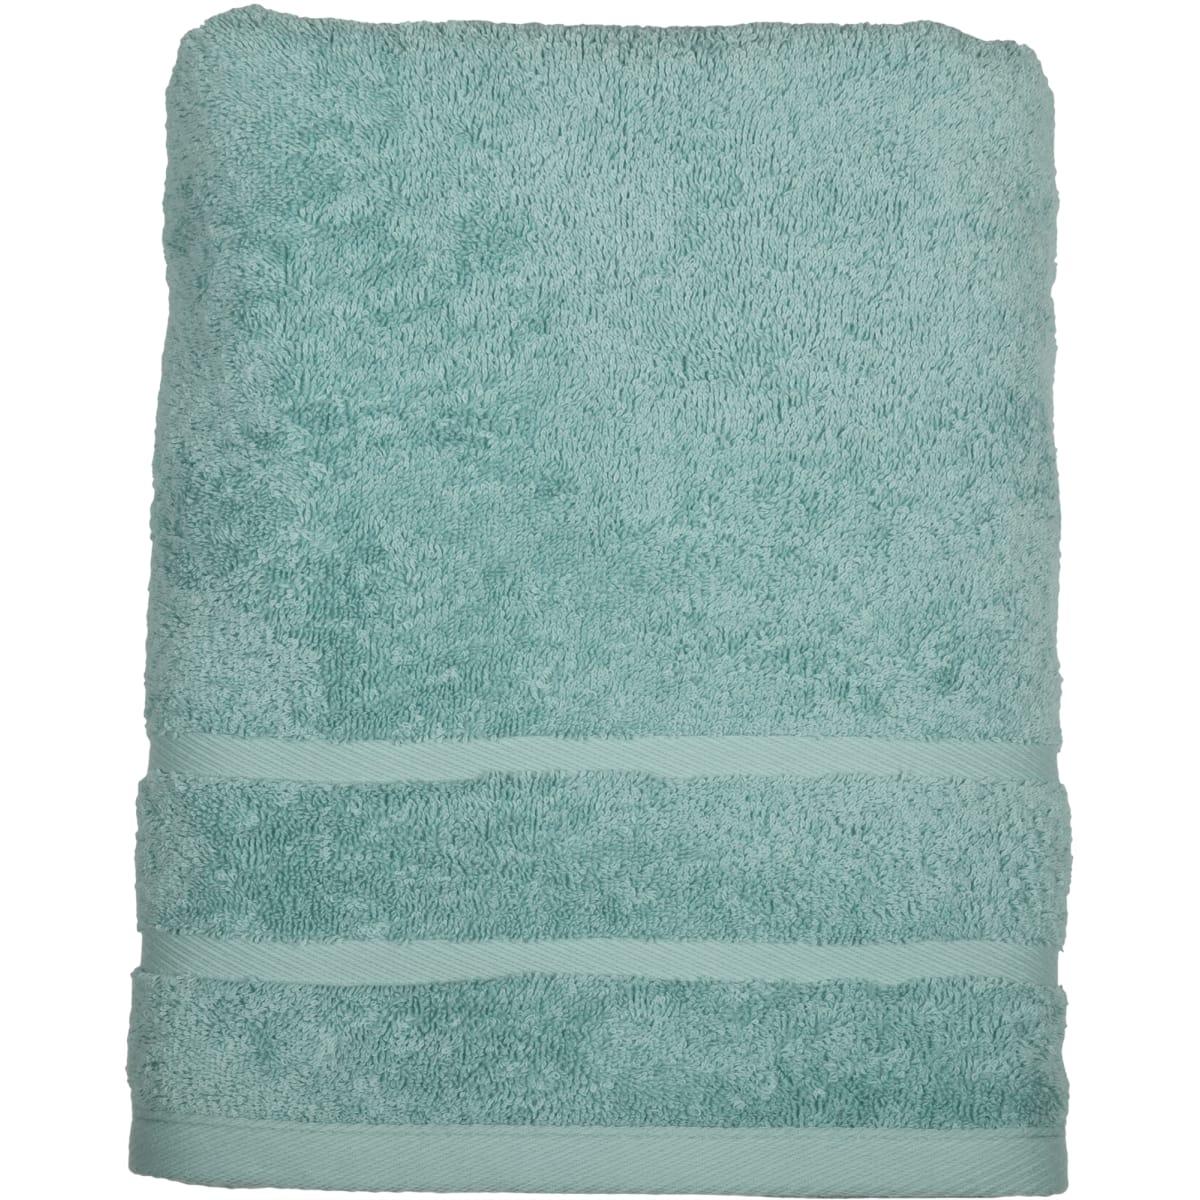 Полотенца электросталь ткань ивановский текстиль для постельного белья